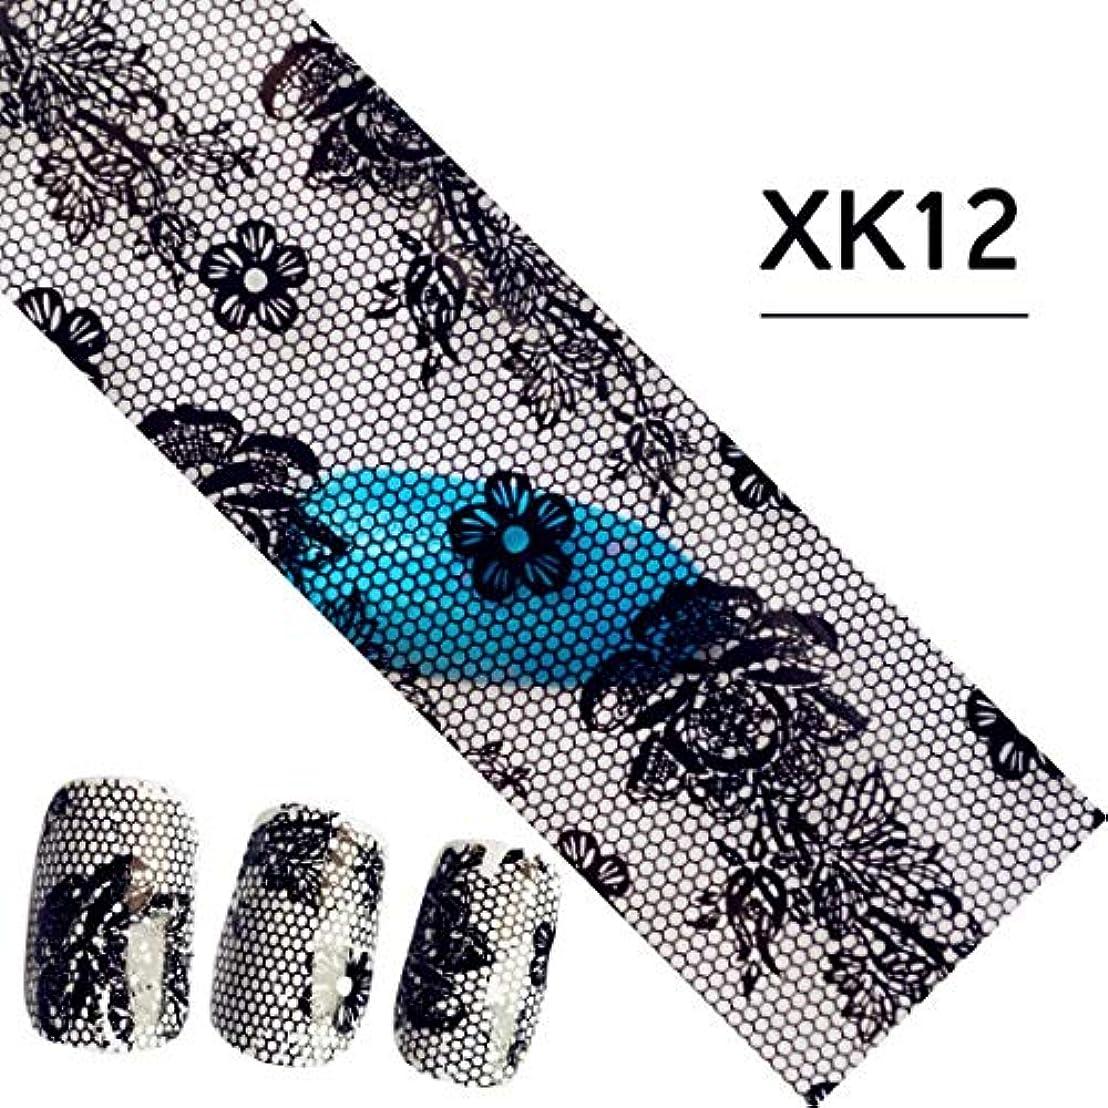 熱心なフィットネスベーリング海峡SUKTI&XIAO ネイルステッカー ゴールドストライプの異なるデザインステッカーネイルアート転送箔装飾スライダーネイルアートアクセサリー、Xk12